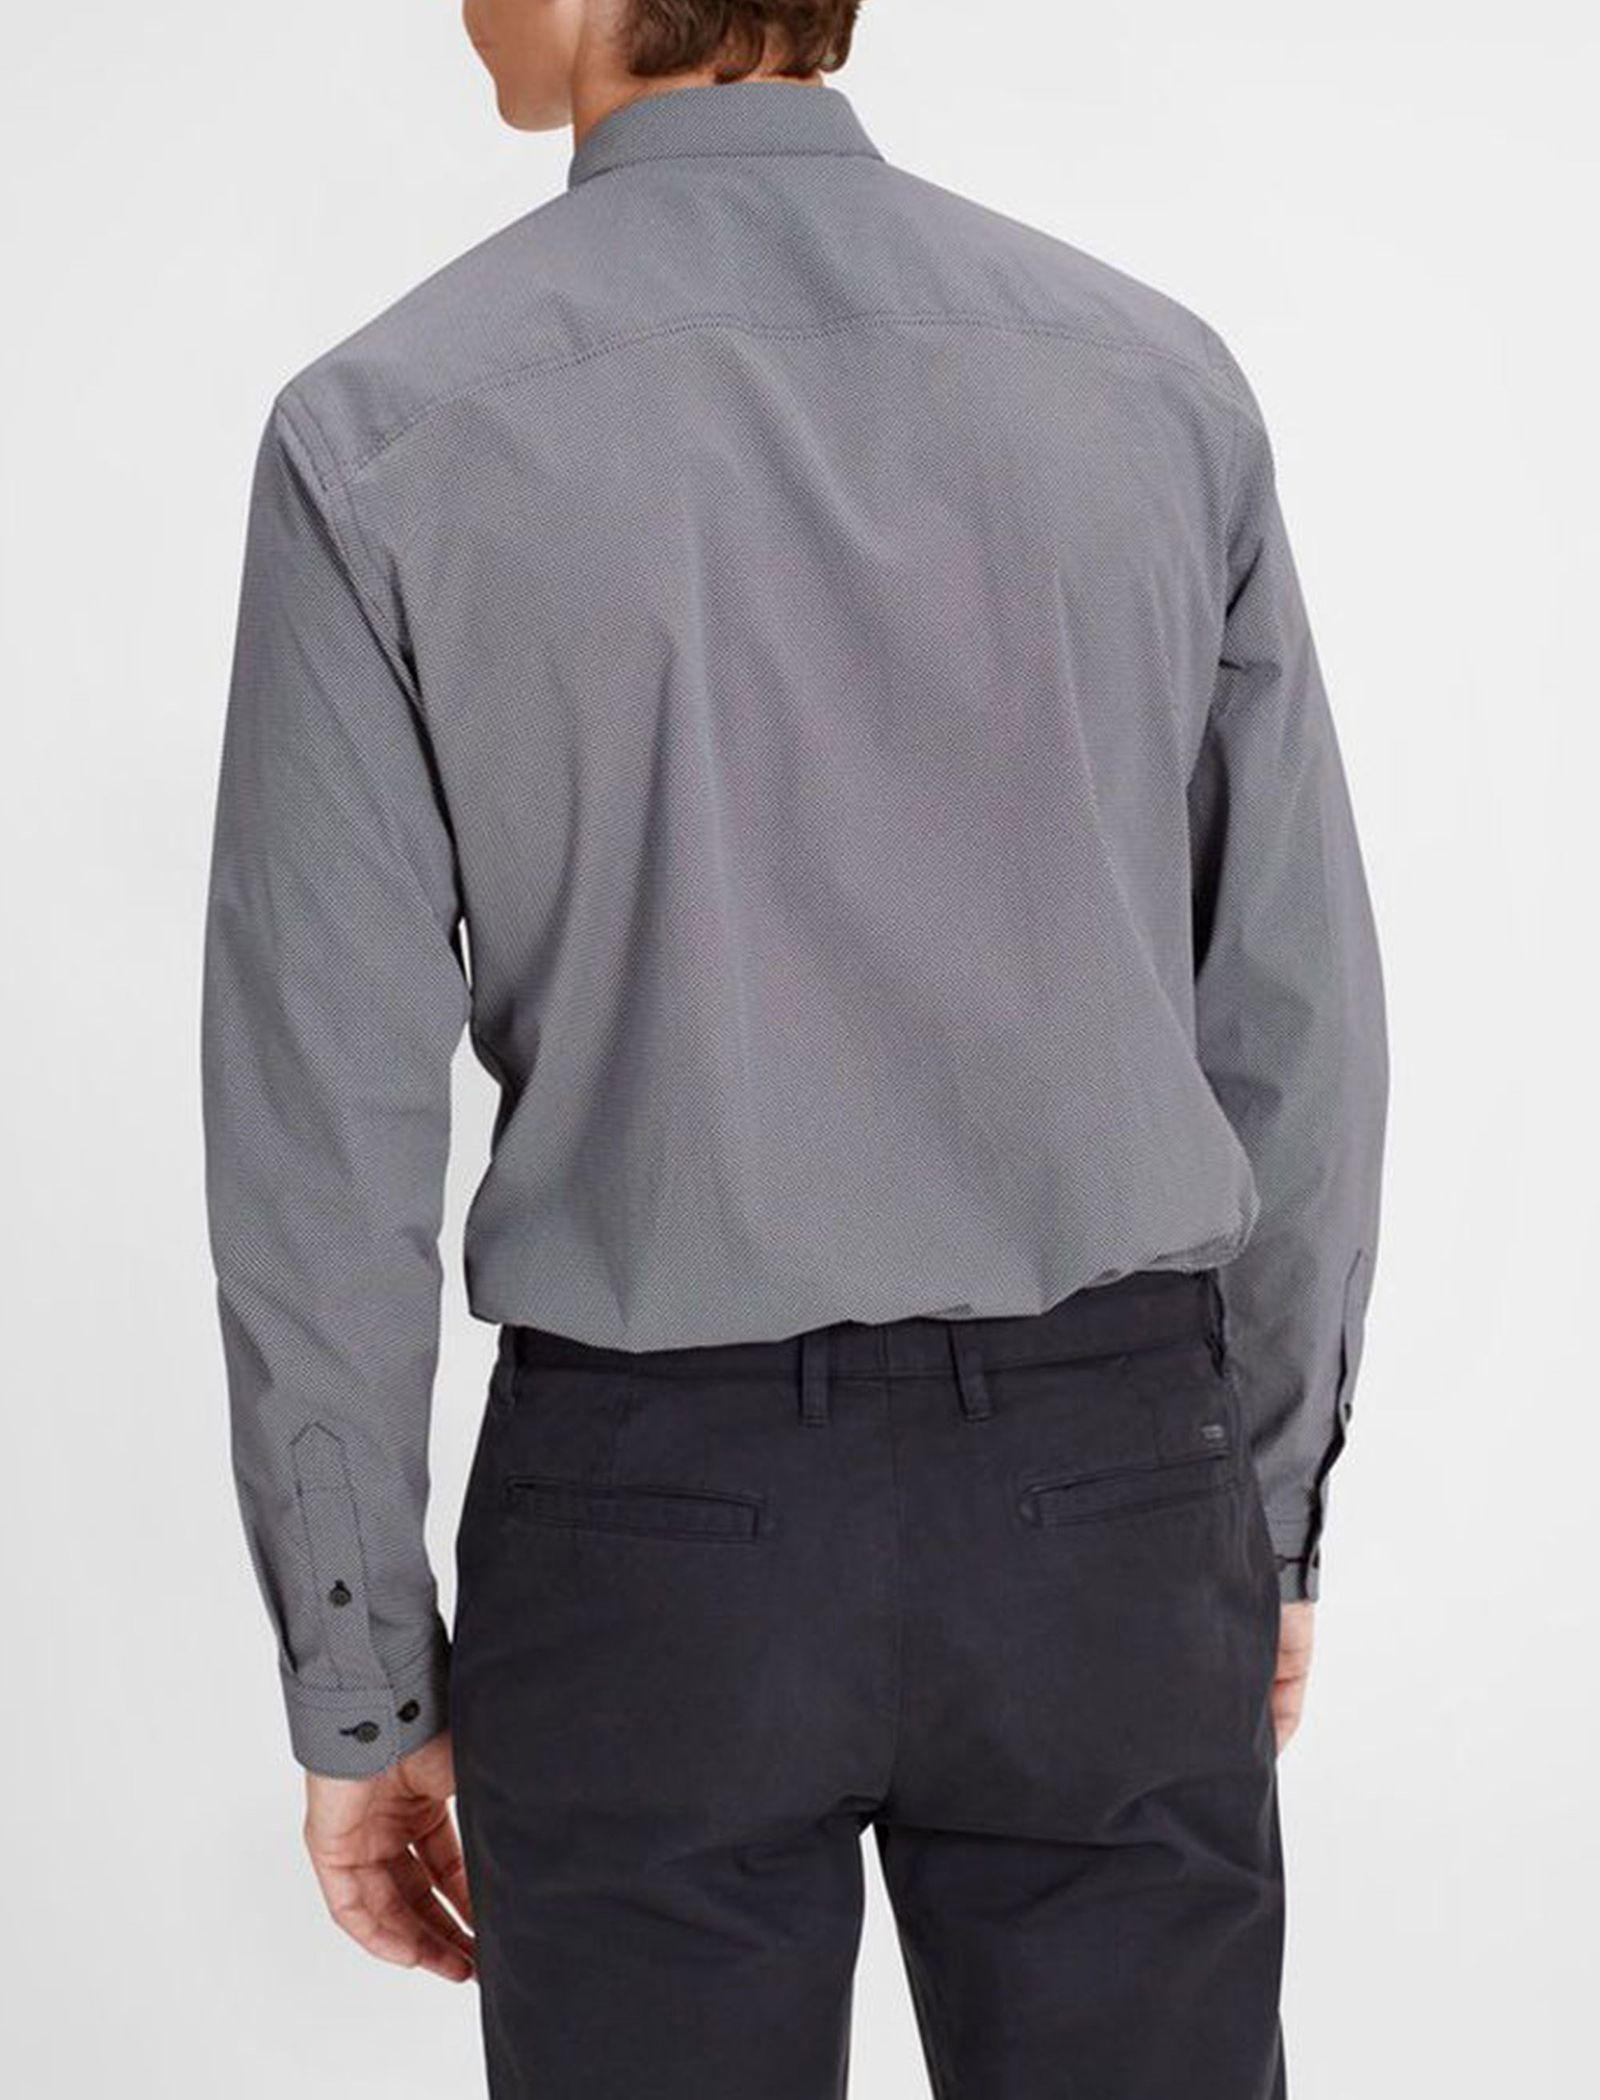 پیراهن نخی آستین بلند مردانه - جک اند جونز - سرمه اي - 4